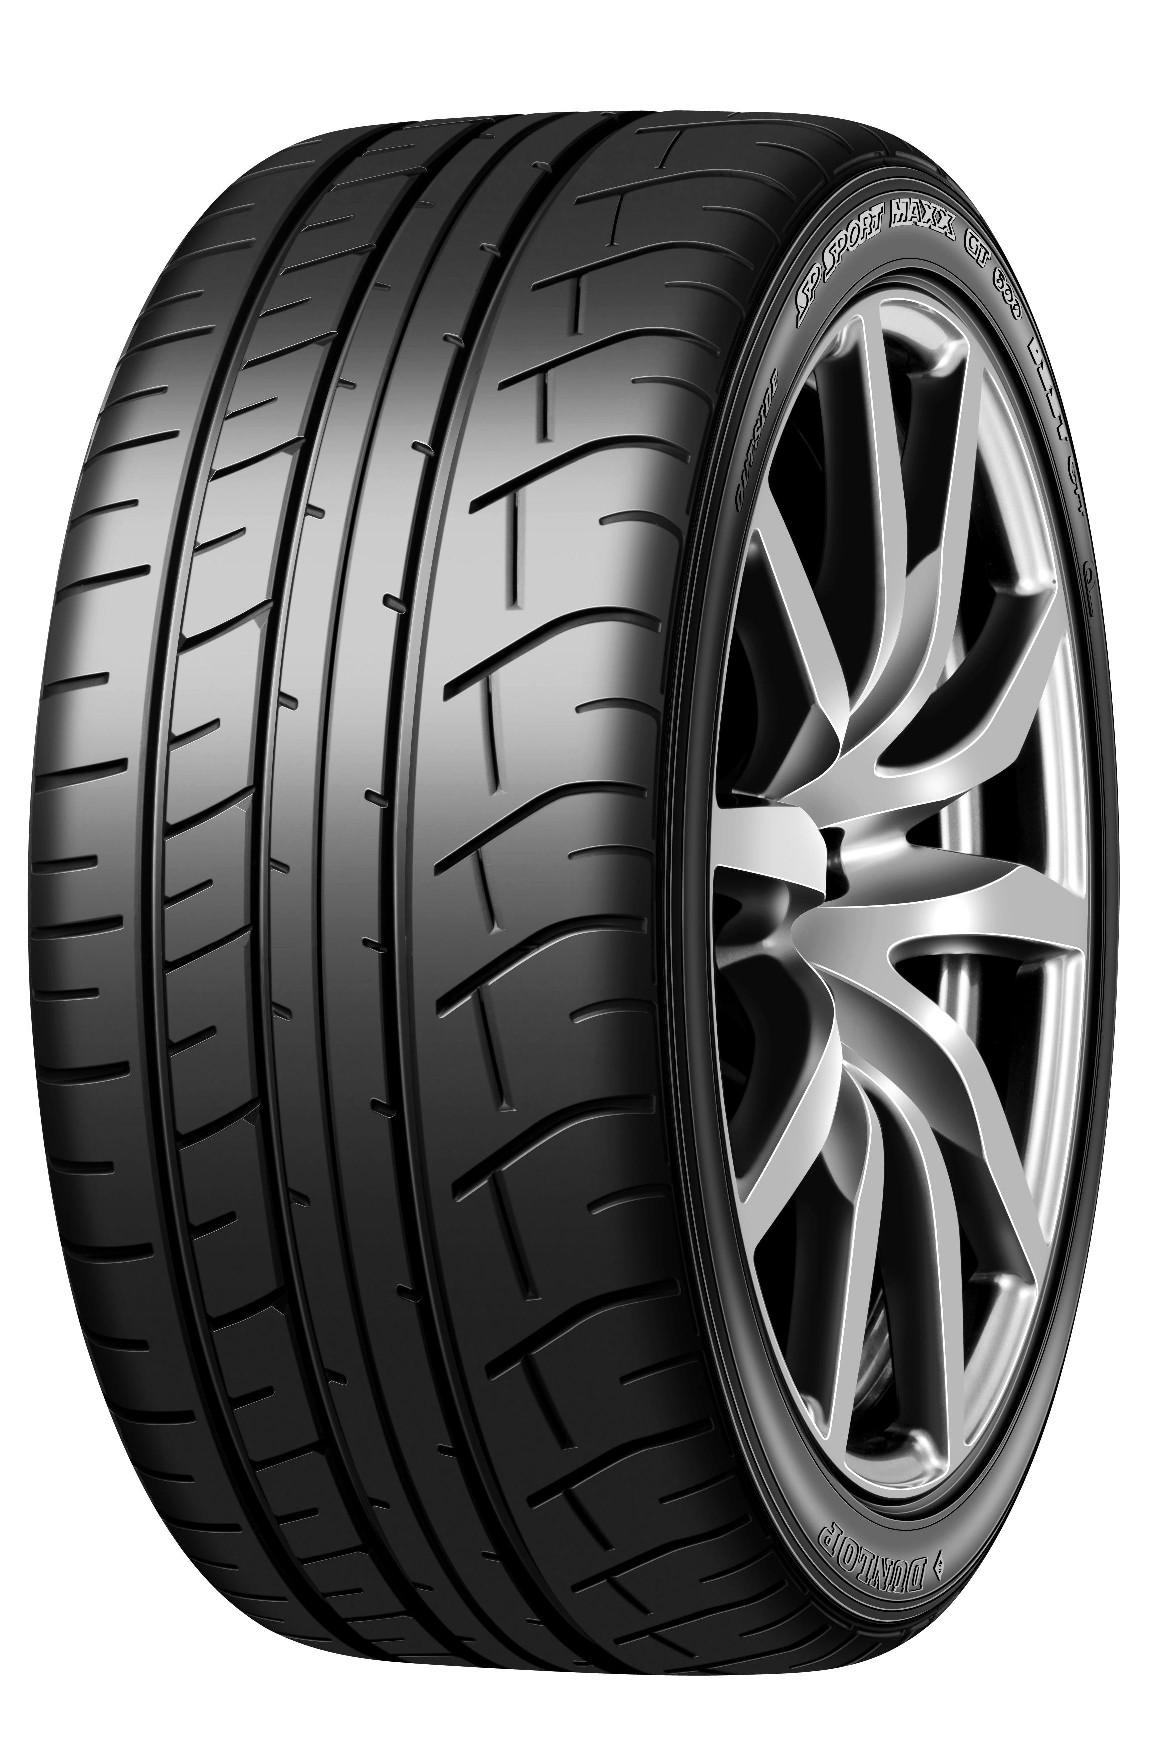 Anvelope Dunlop Spt Maxx Gt 600 255/40R20 101Y Vara